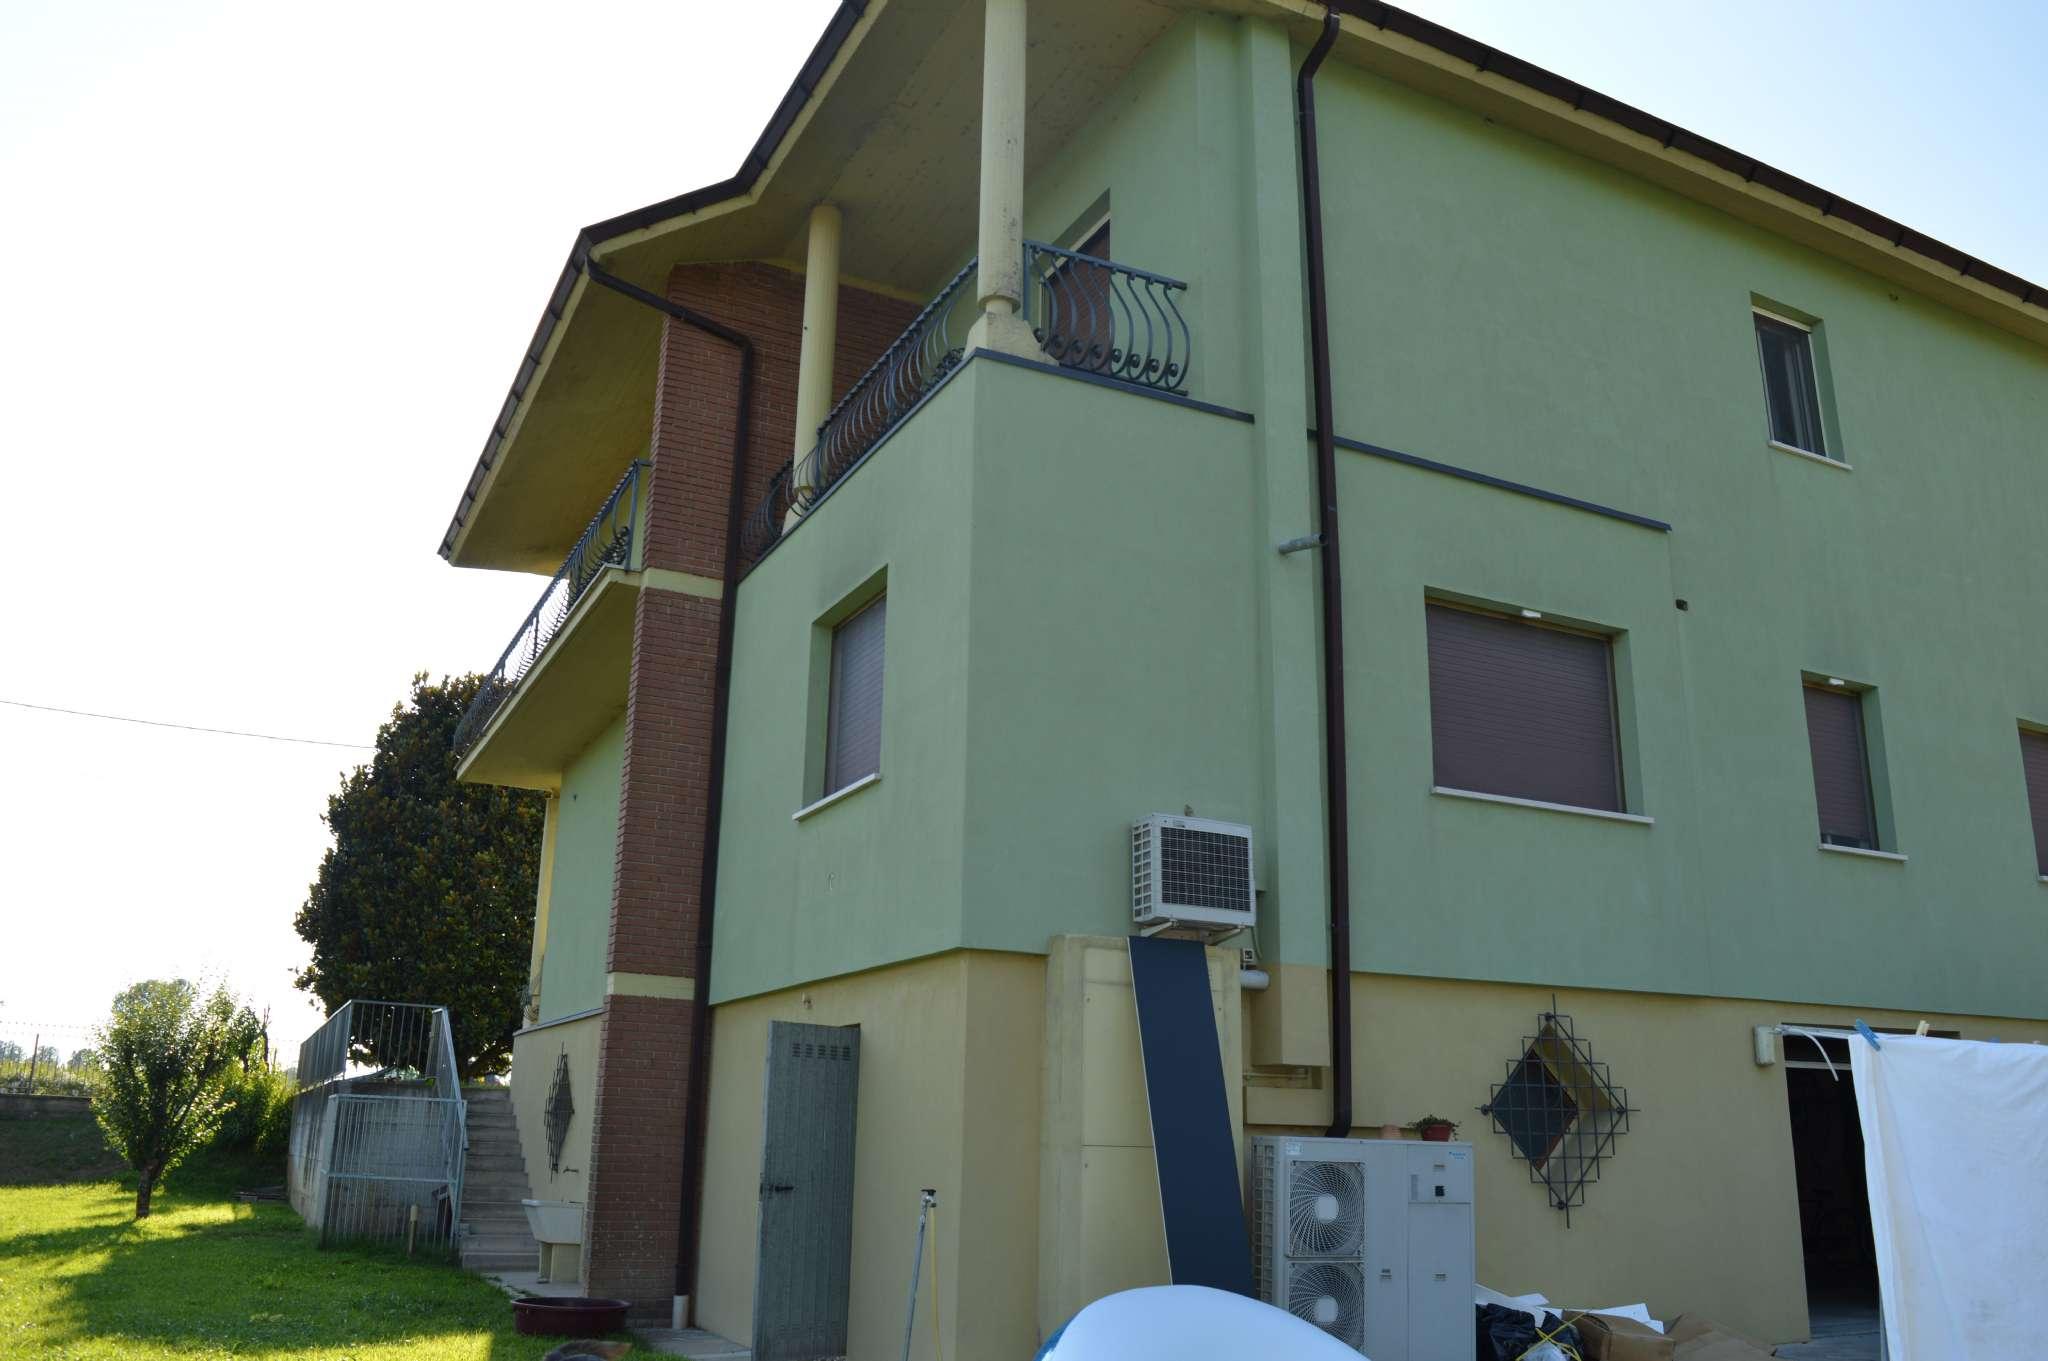 Appartamento in vendita a Fiesse, 4 locali, prezzo € 105.000 | PortaleAgenzieImmobiliari.it